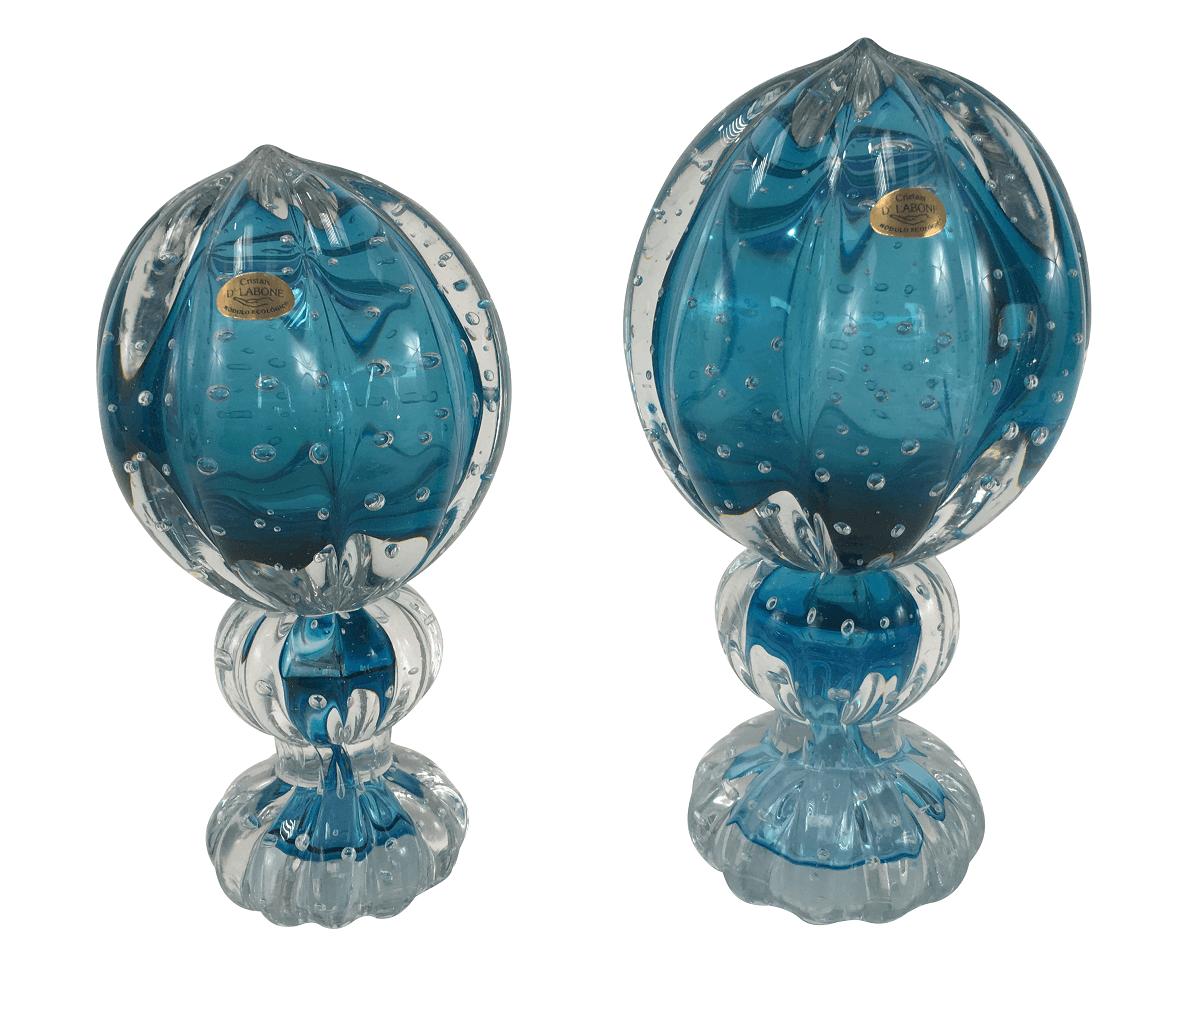 Par De Pinha Cristal Murano D' Labone Azul